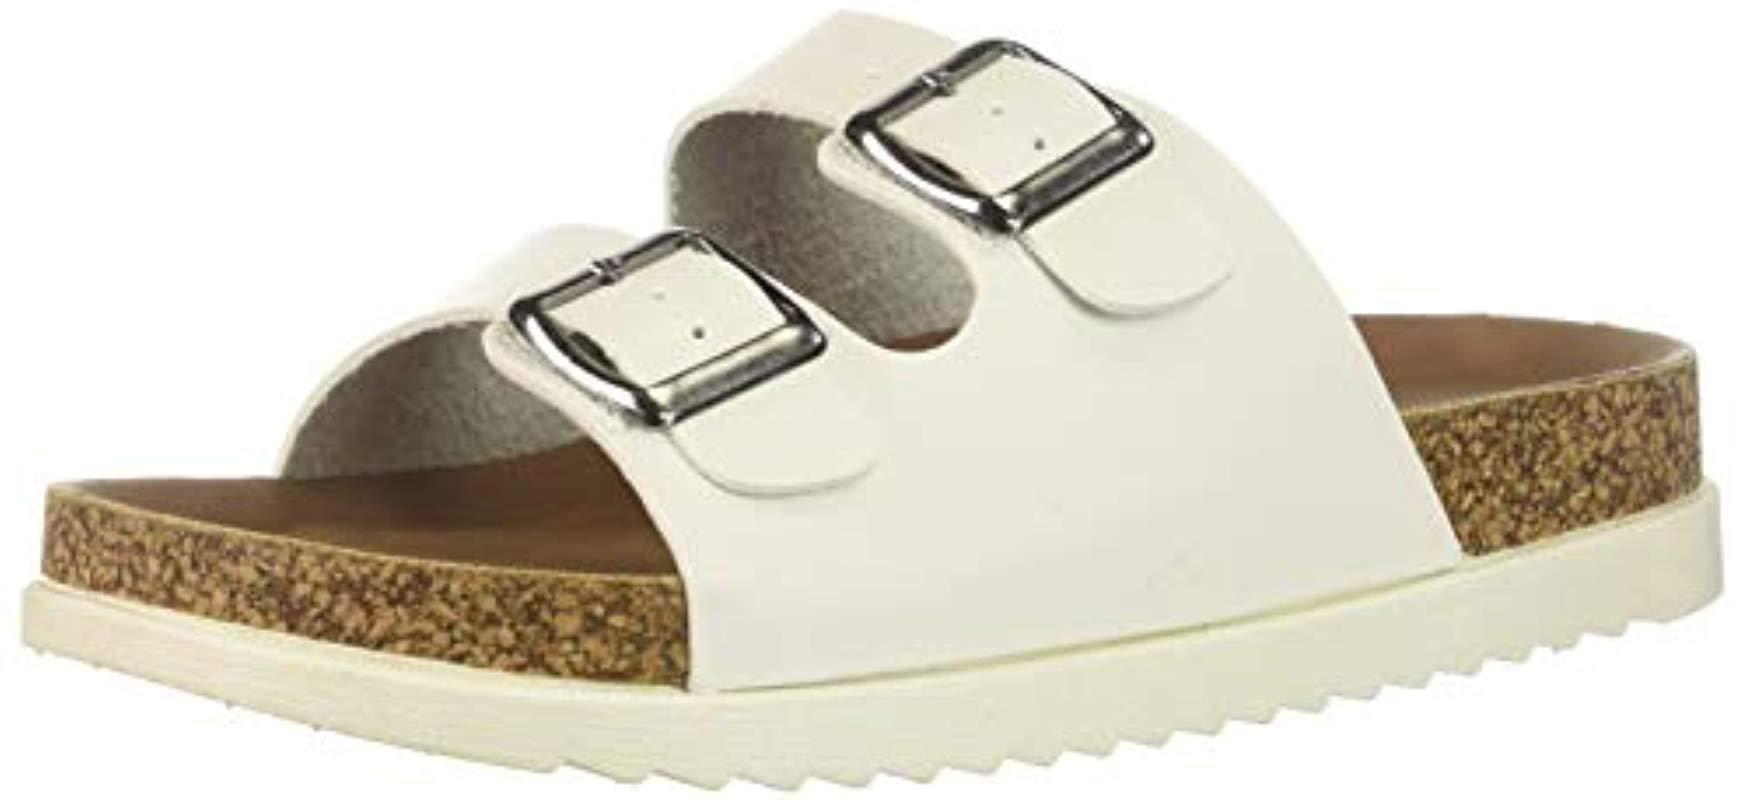 c3ba4f7125c8 Lyst - Madden Girl Goldiie Slide Sandal in White